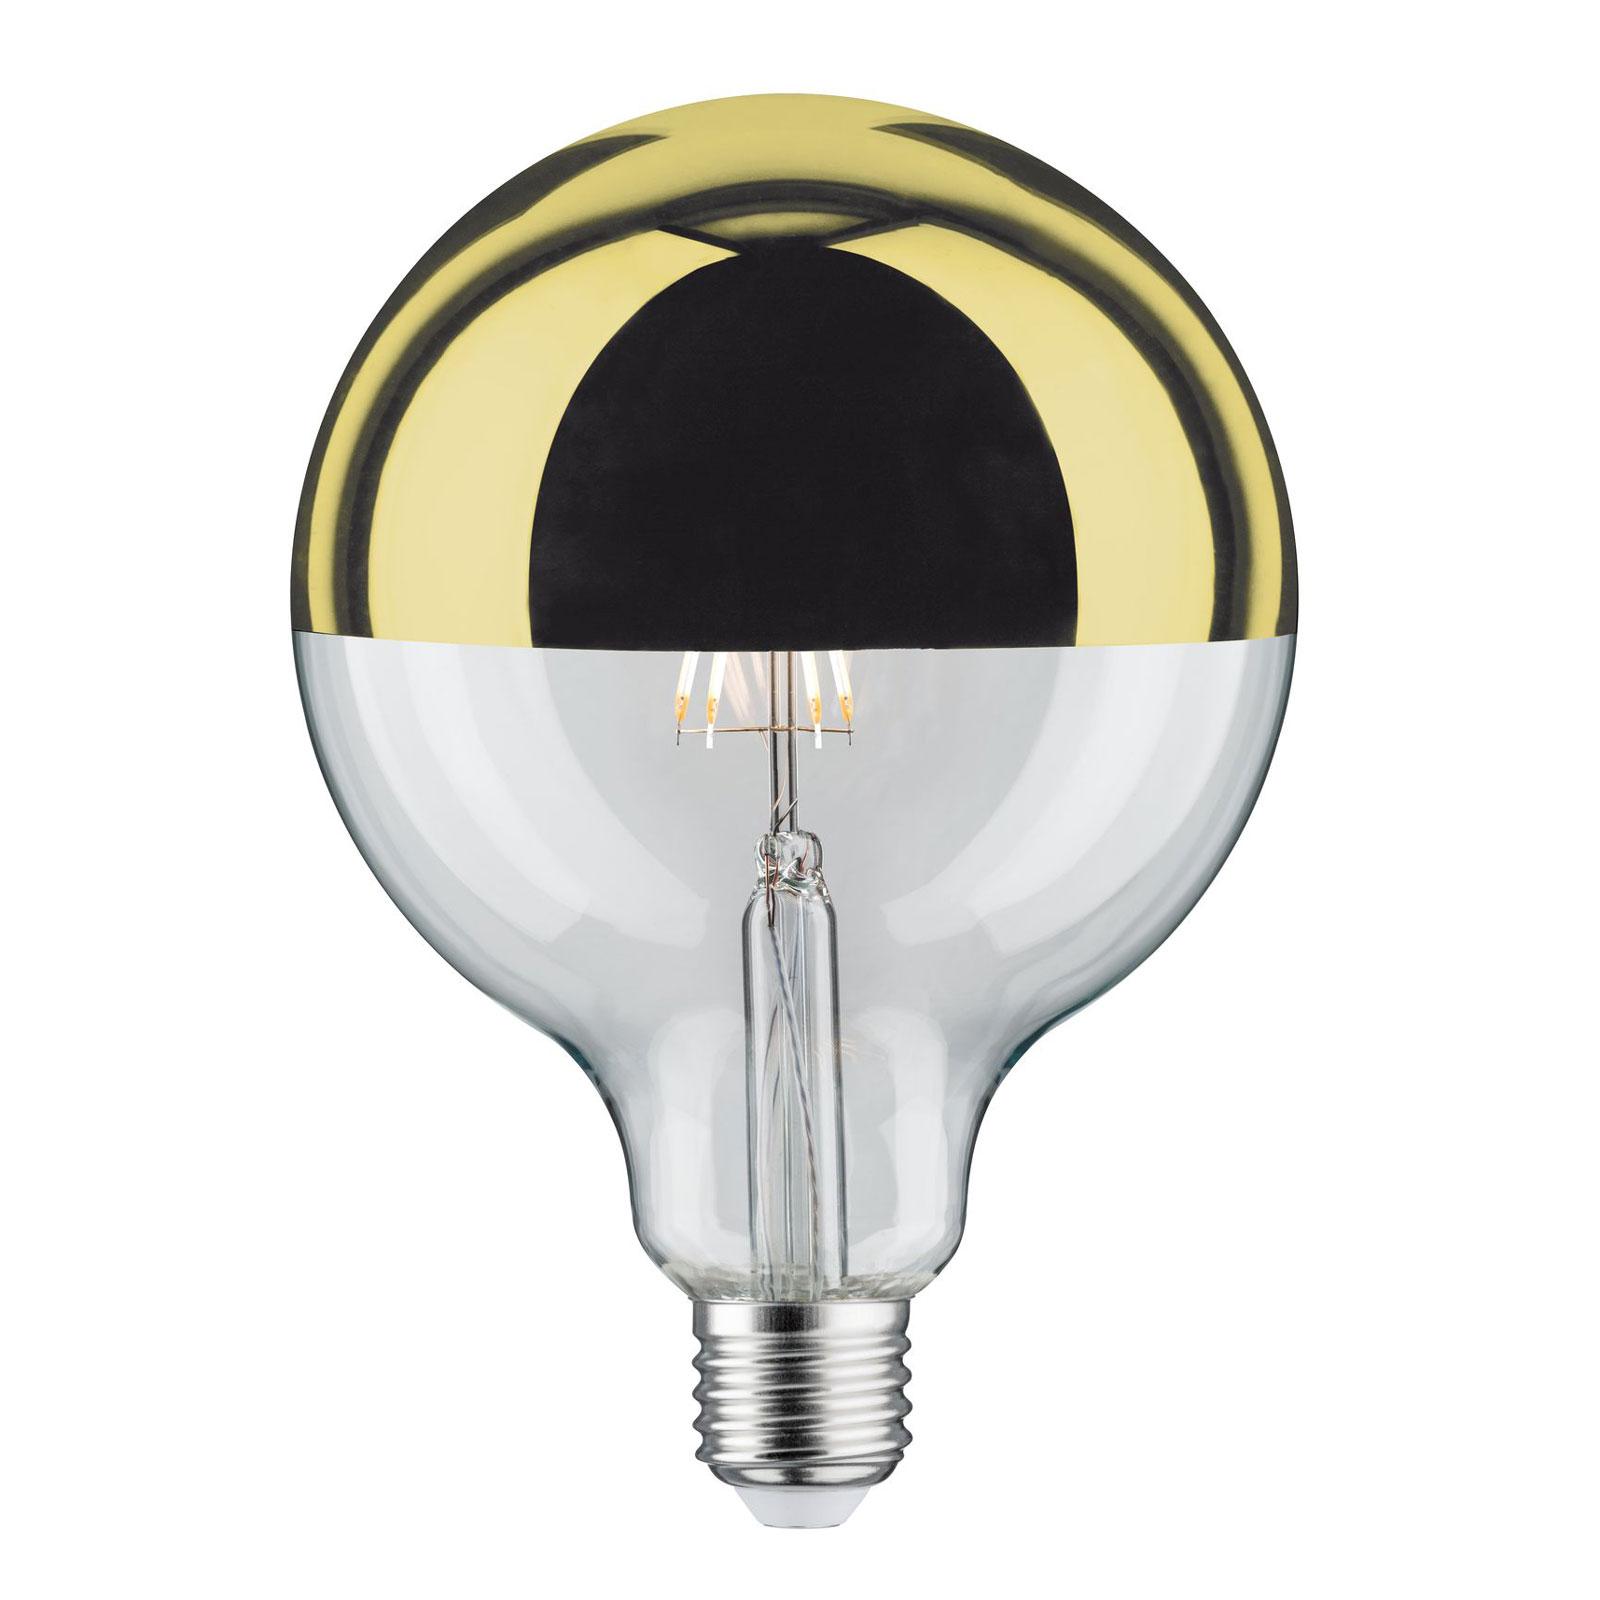 LED-Lampe E27 G125 827 6,5W Kopfspiegel gold